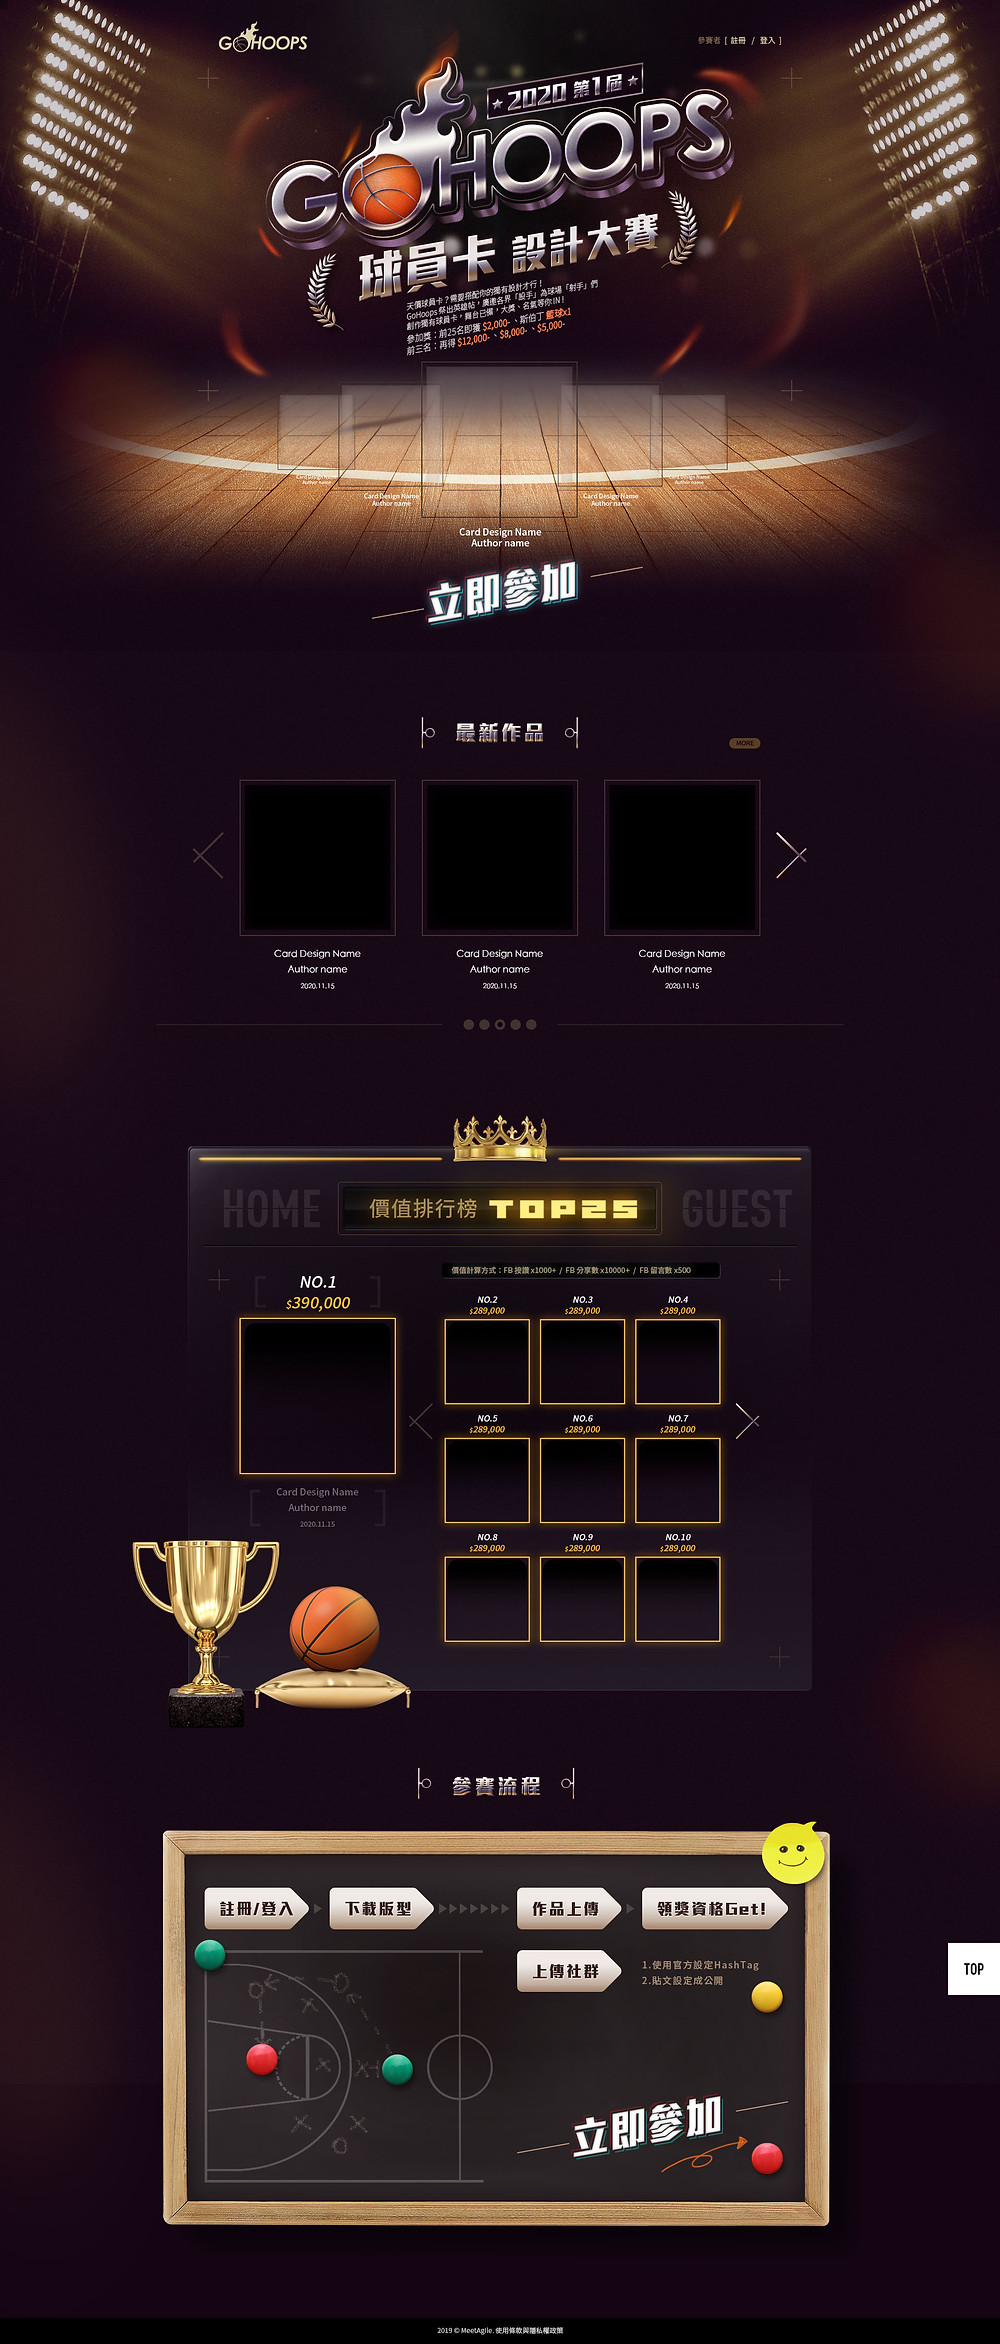 GoHoops 球員卡設計大賽視覺設計